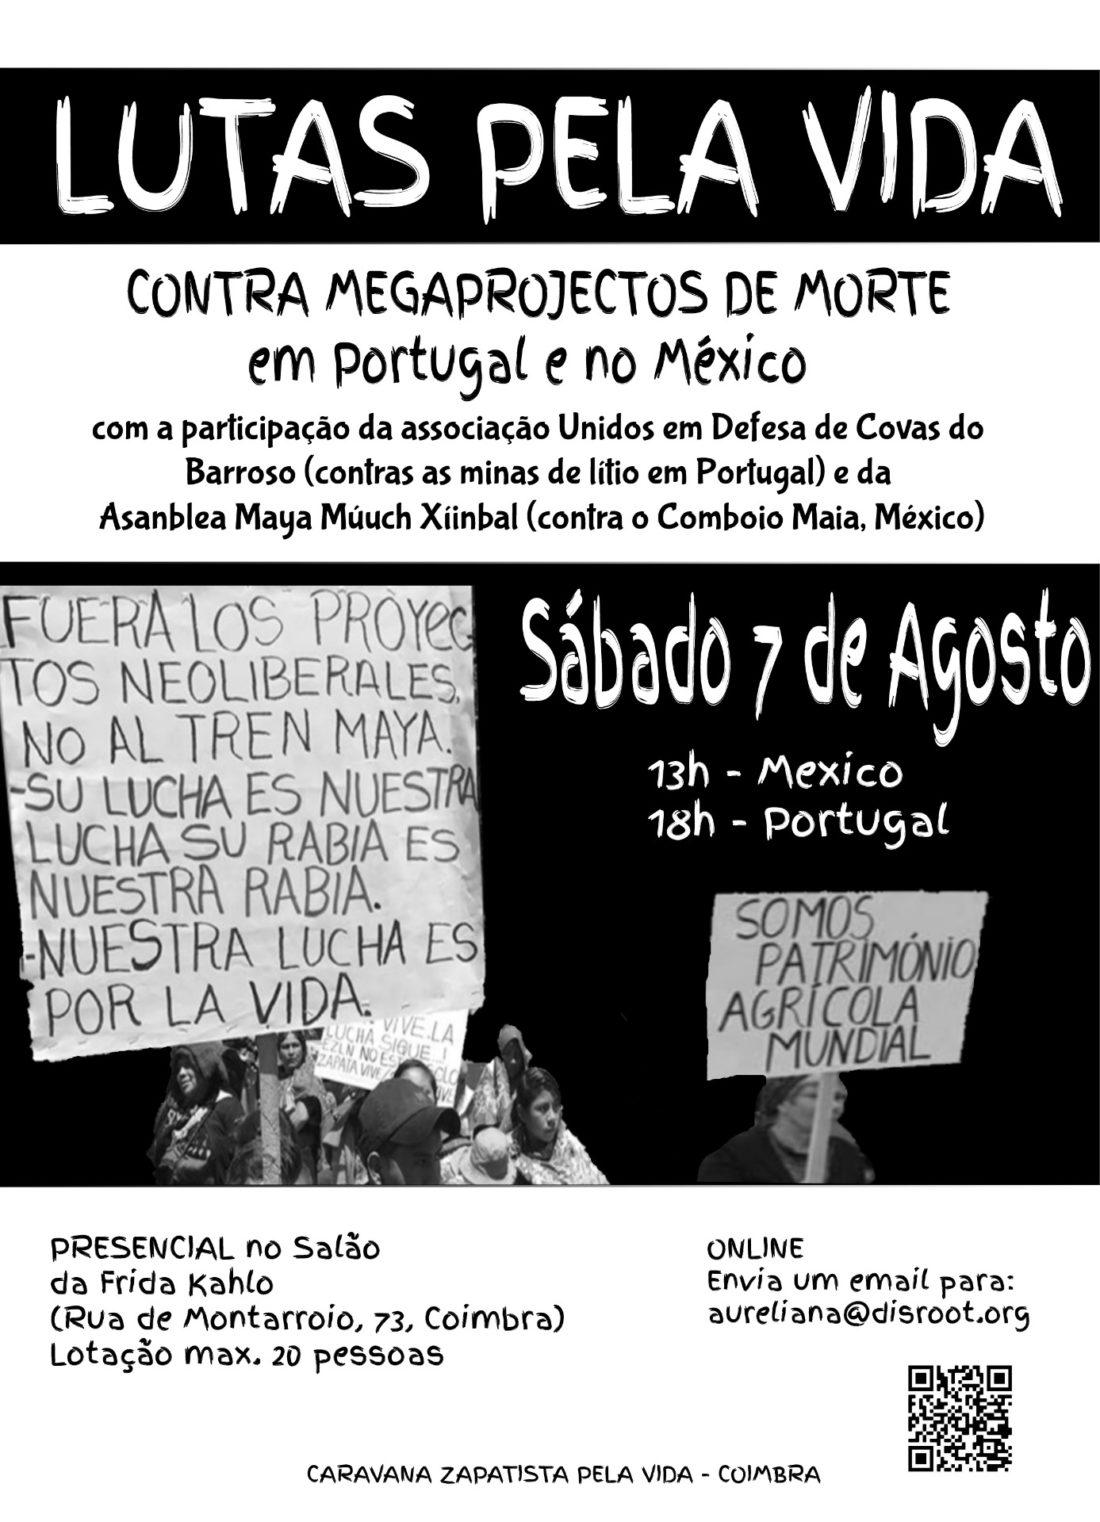 Luchas por la Vida Contra Megaproyectos en México, Portugal y en todo el planeta